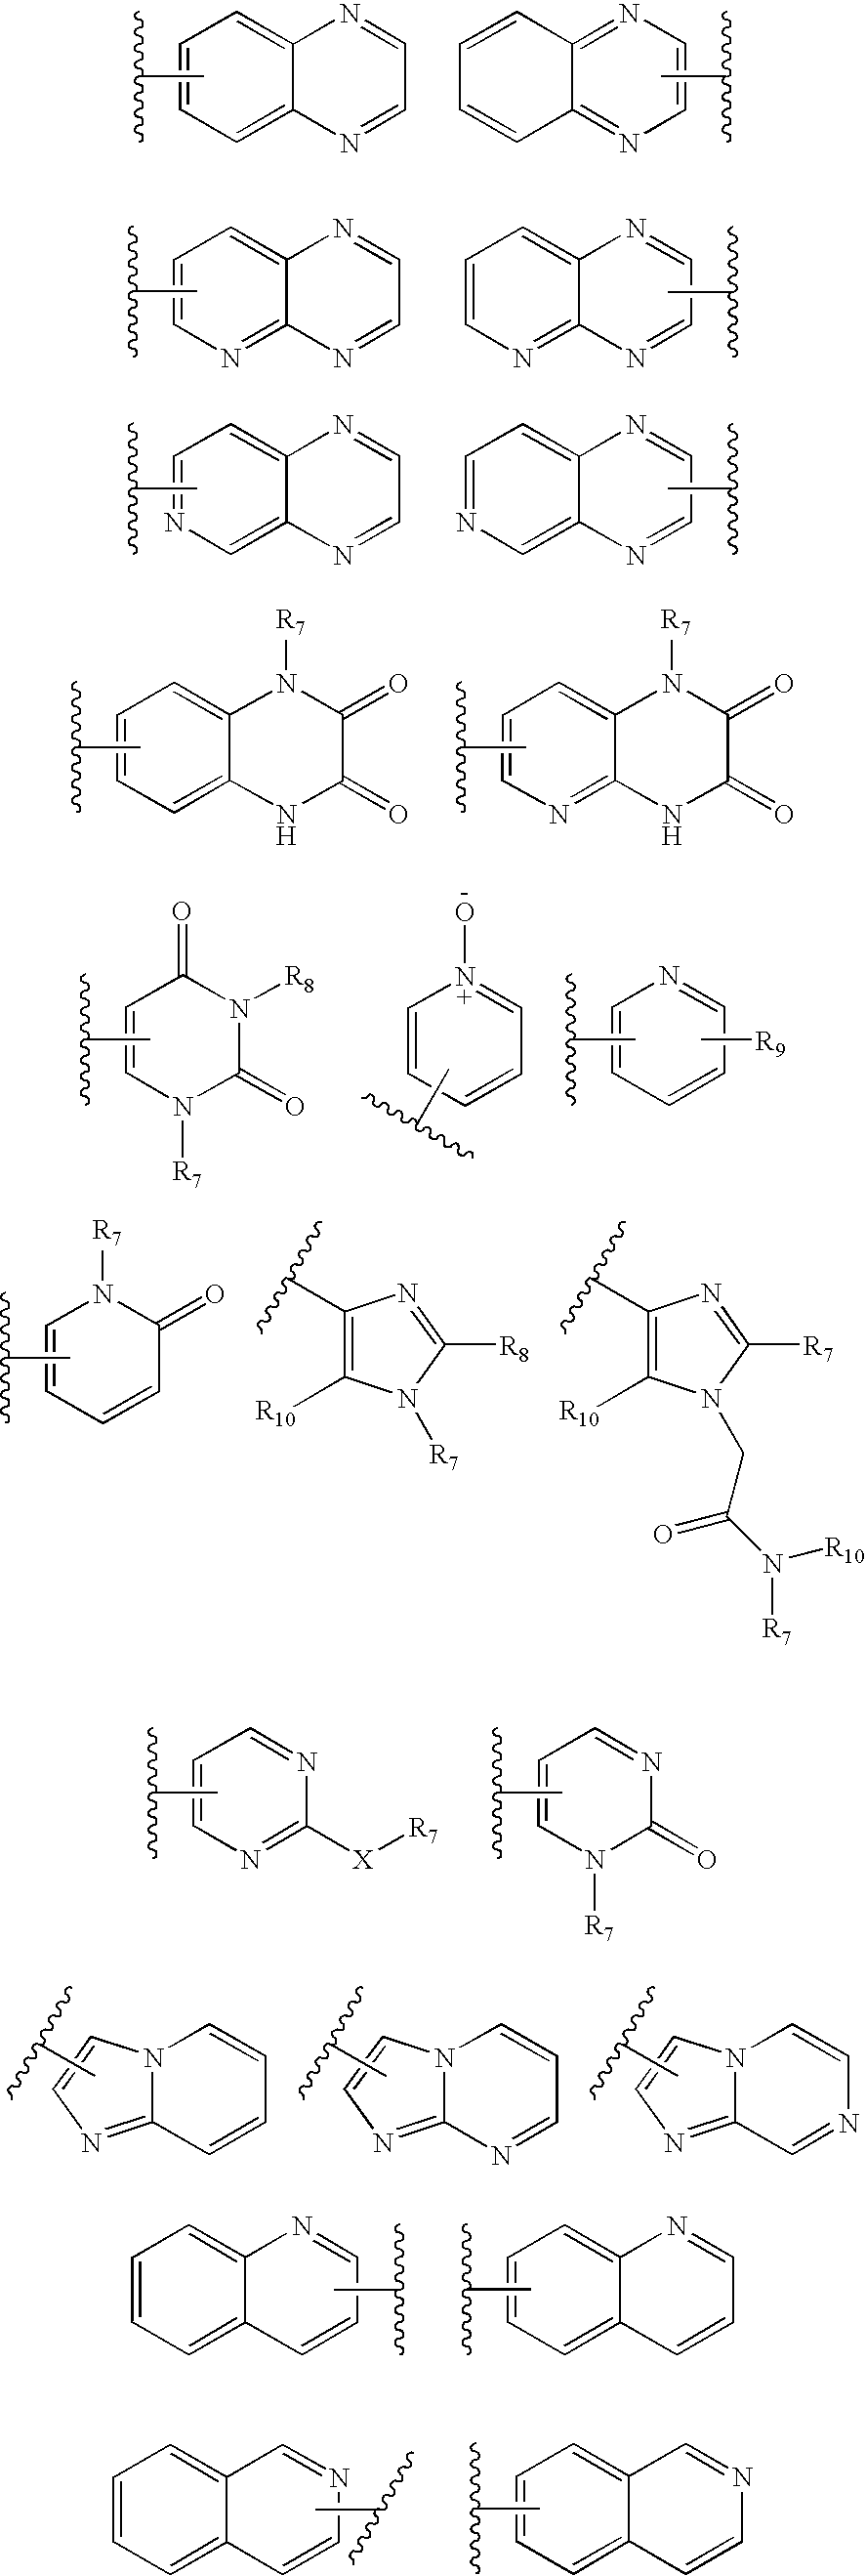 Figure US07531542-20090512-C00113